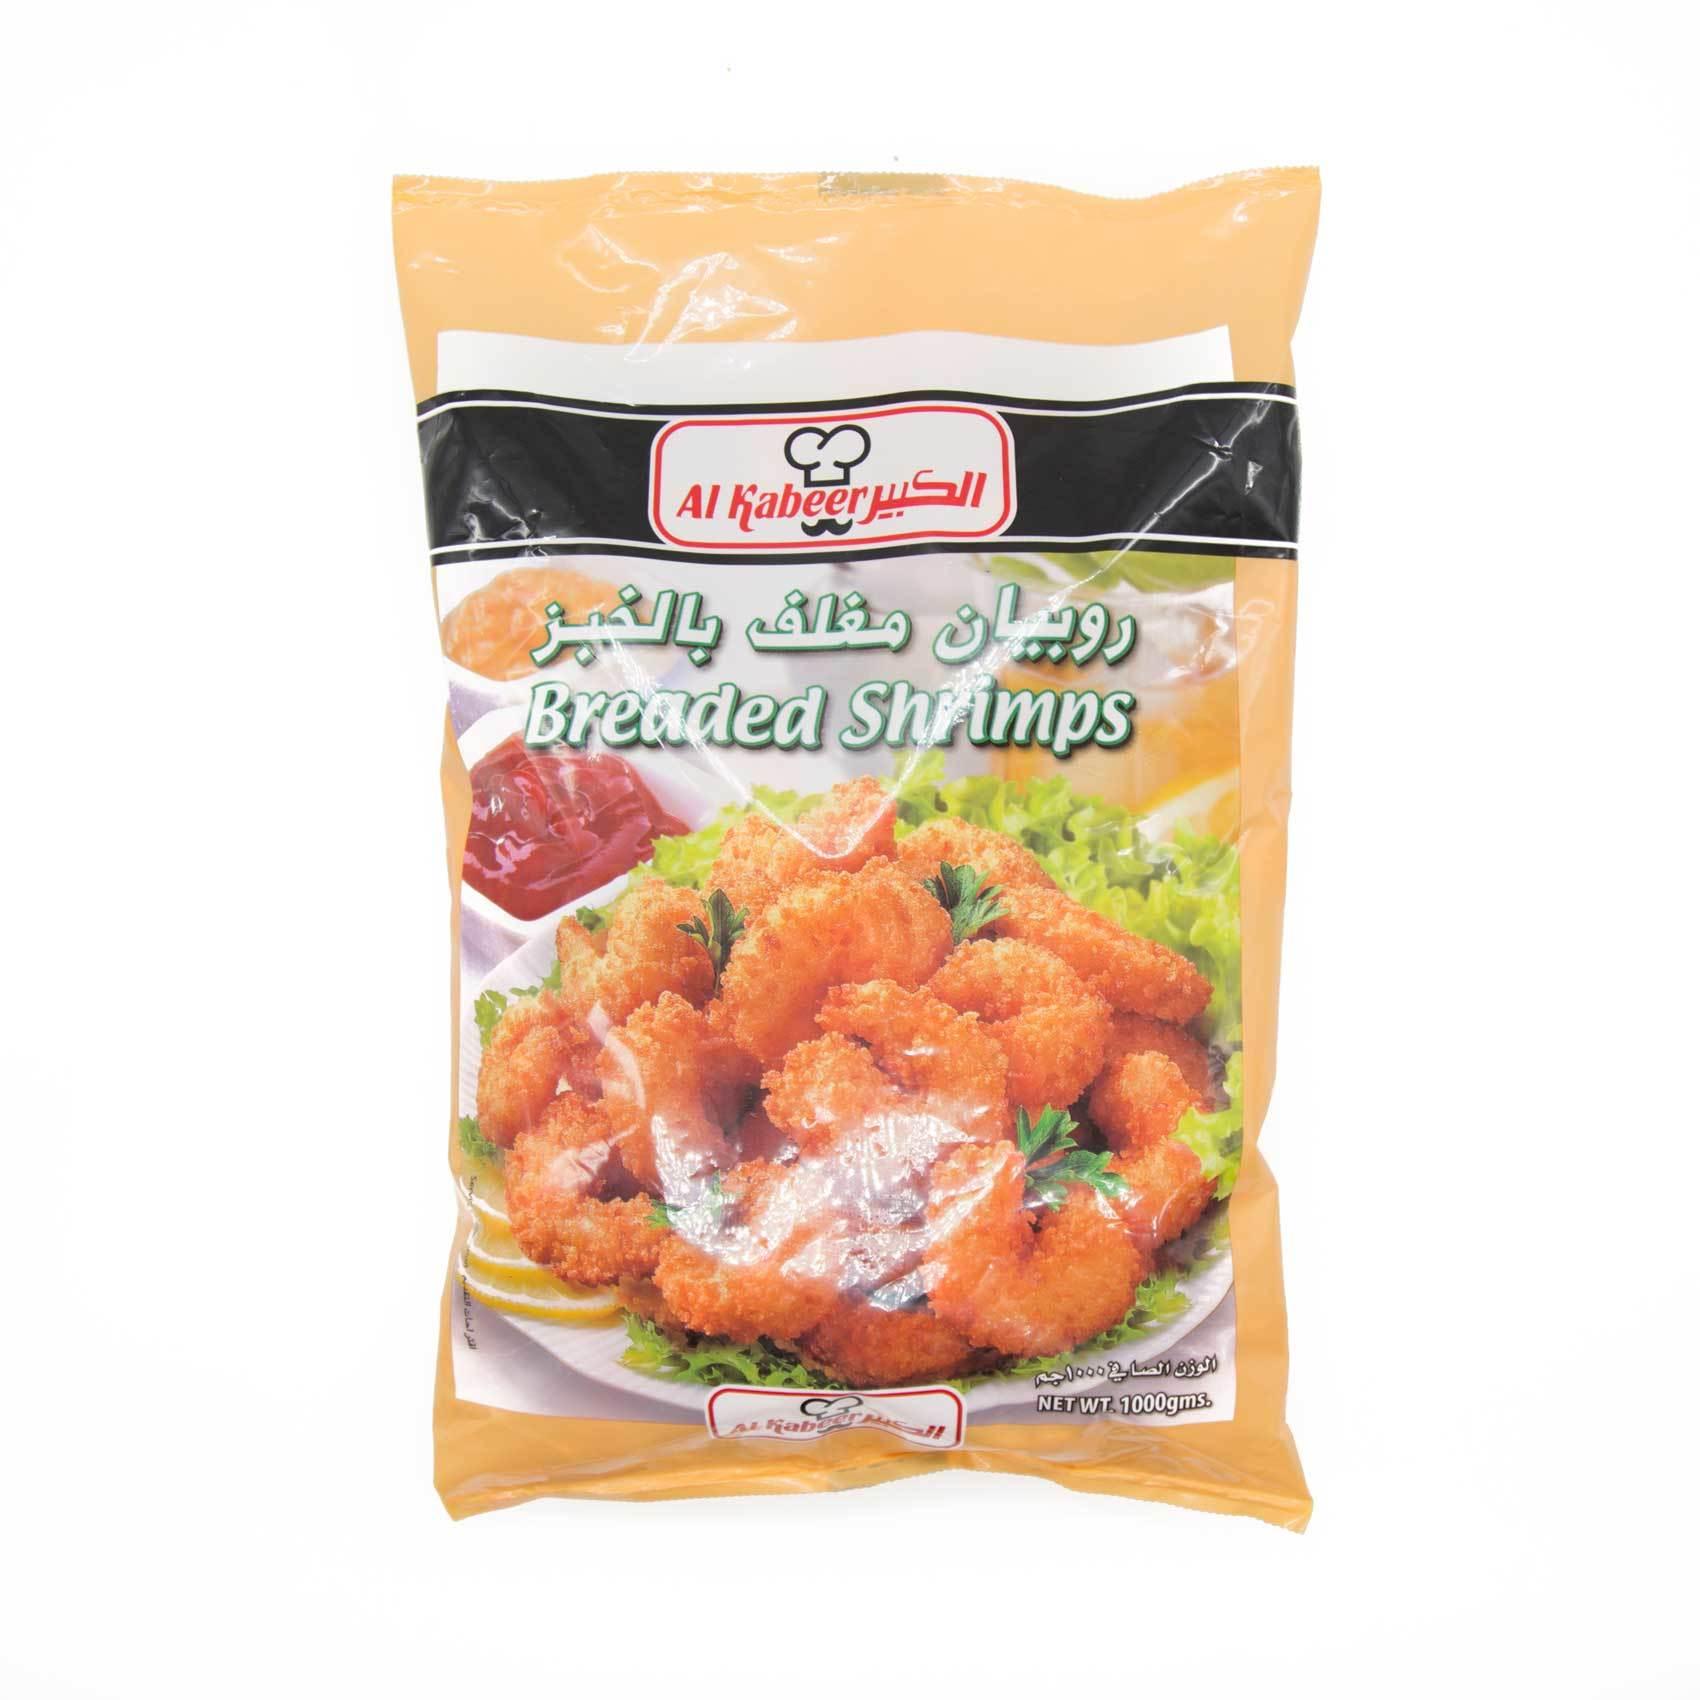 Buy Al Kabeer Breaded Shrimps 1 Kg Online Shop Frozen Food On Carrefour Saudi Arabia